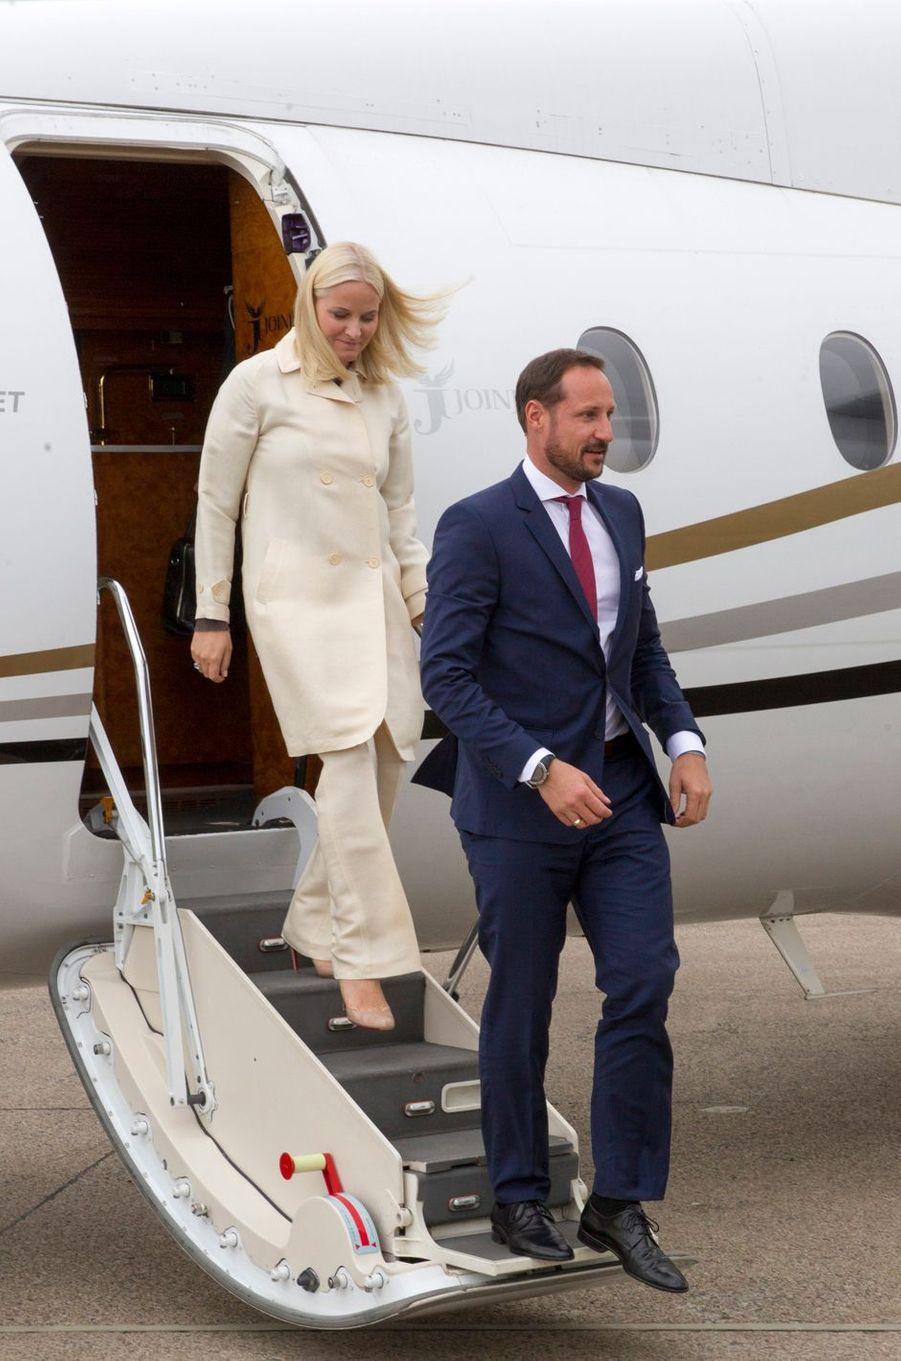 La princesse Mette-Marit et le prince Haakon de Norvège arrivent à Kirkwall sur l'île de Mainland aux Orcades, le 16 juin 2017